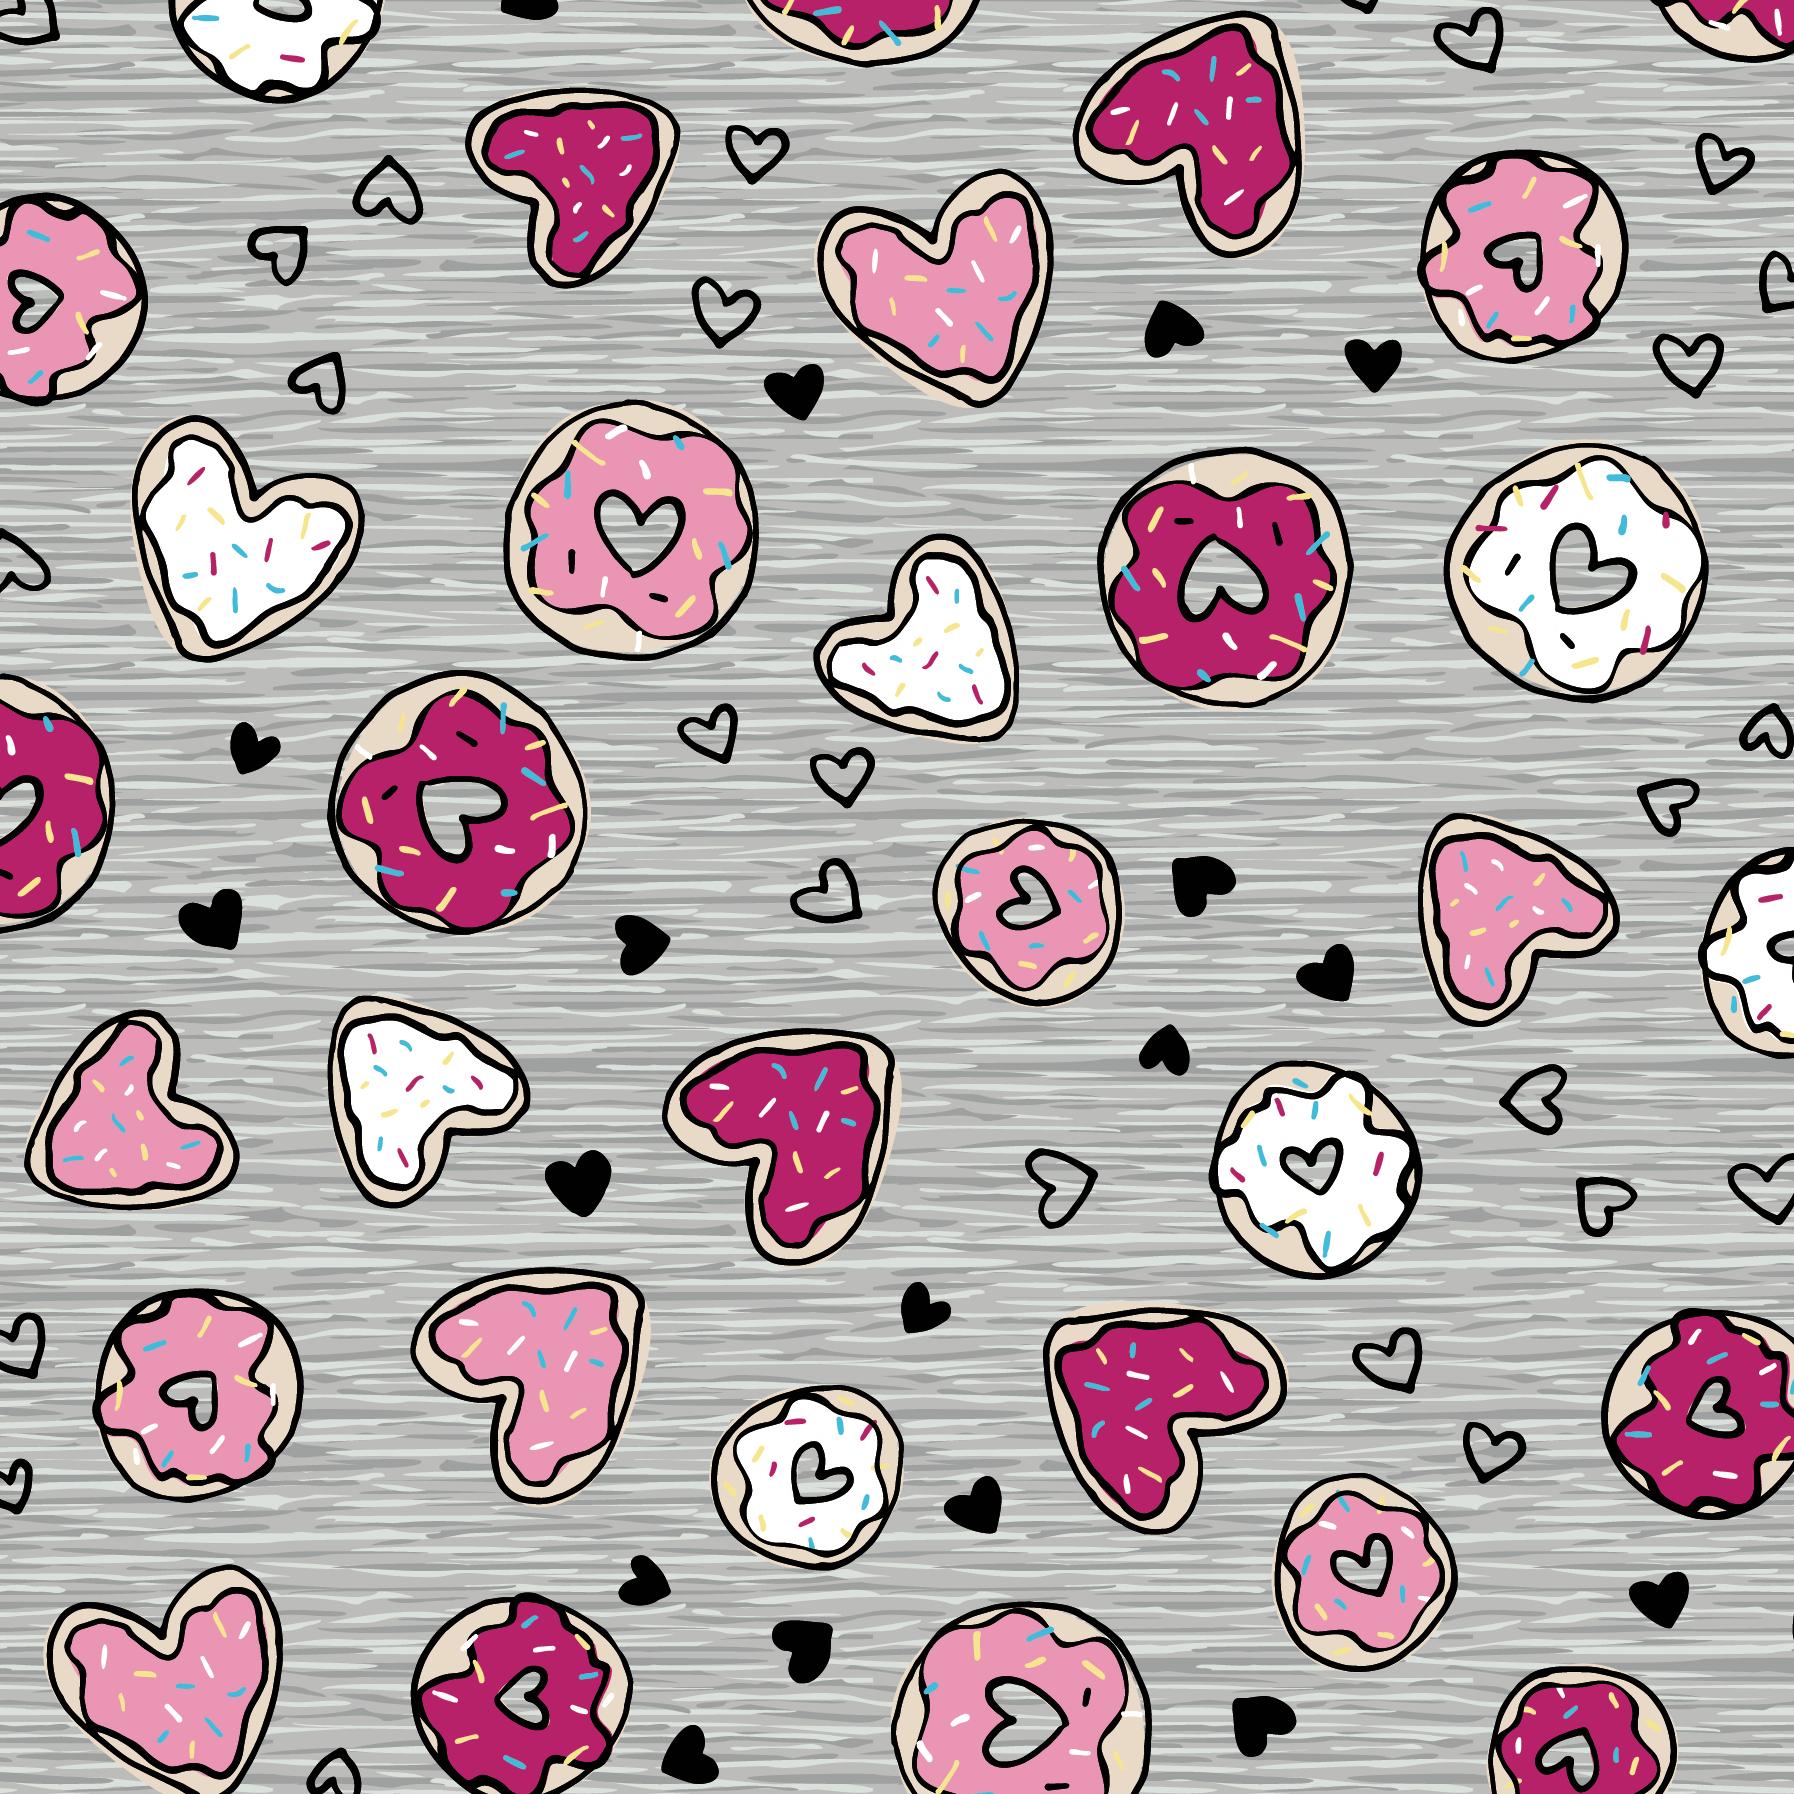 Donut Hearts-S310-01.jpg